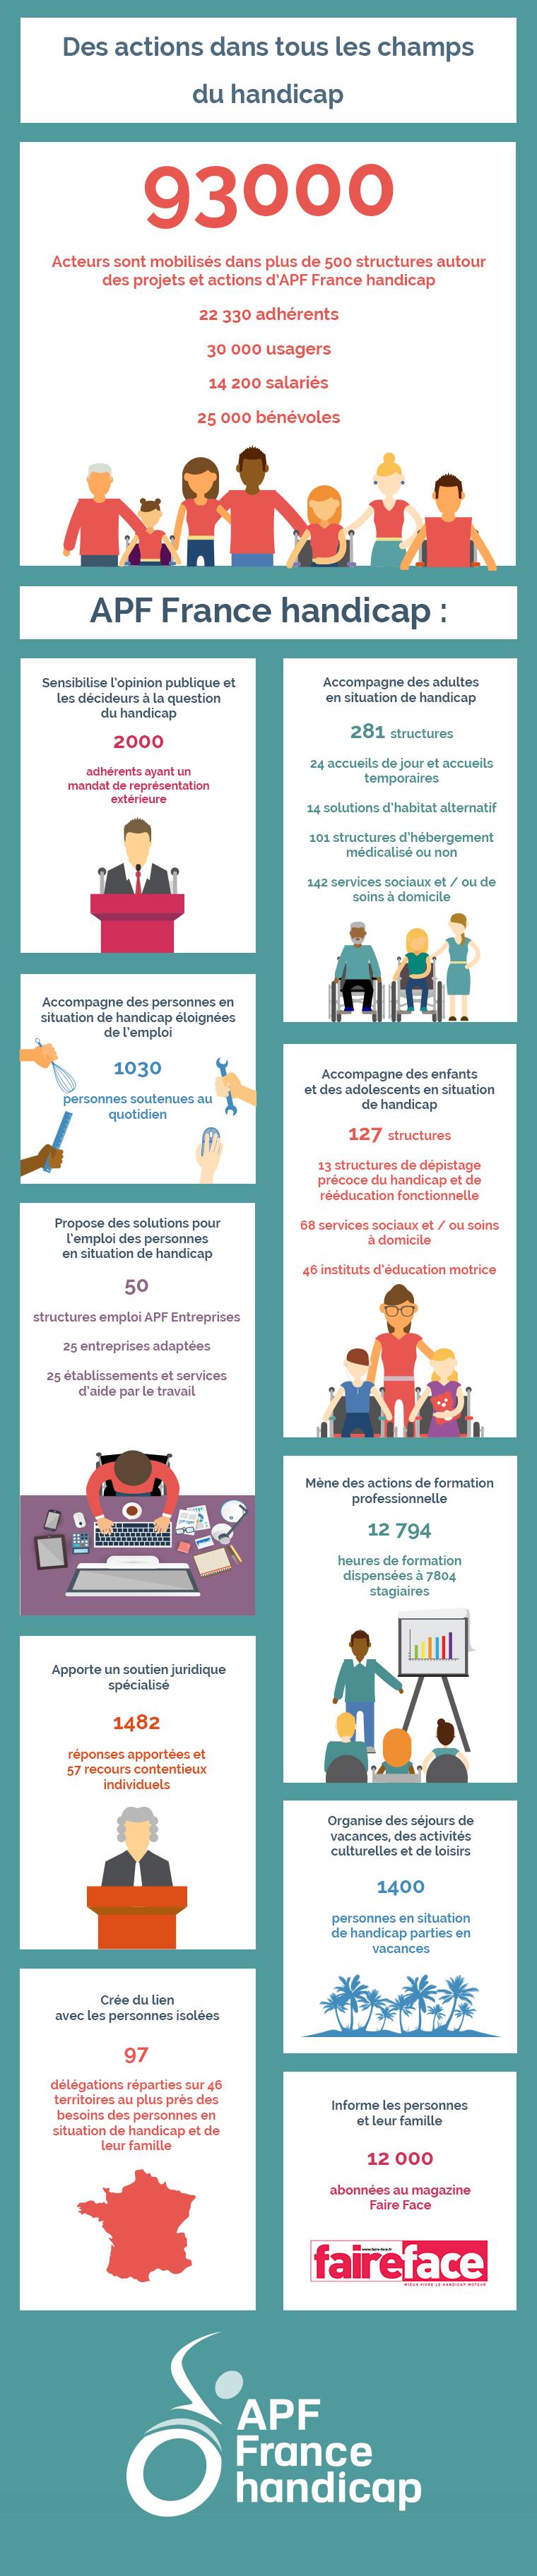 Les chiffres clés APF France handicap